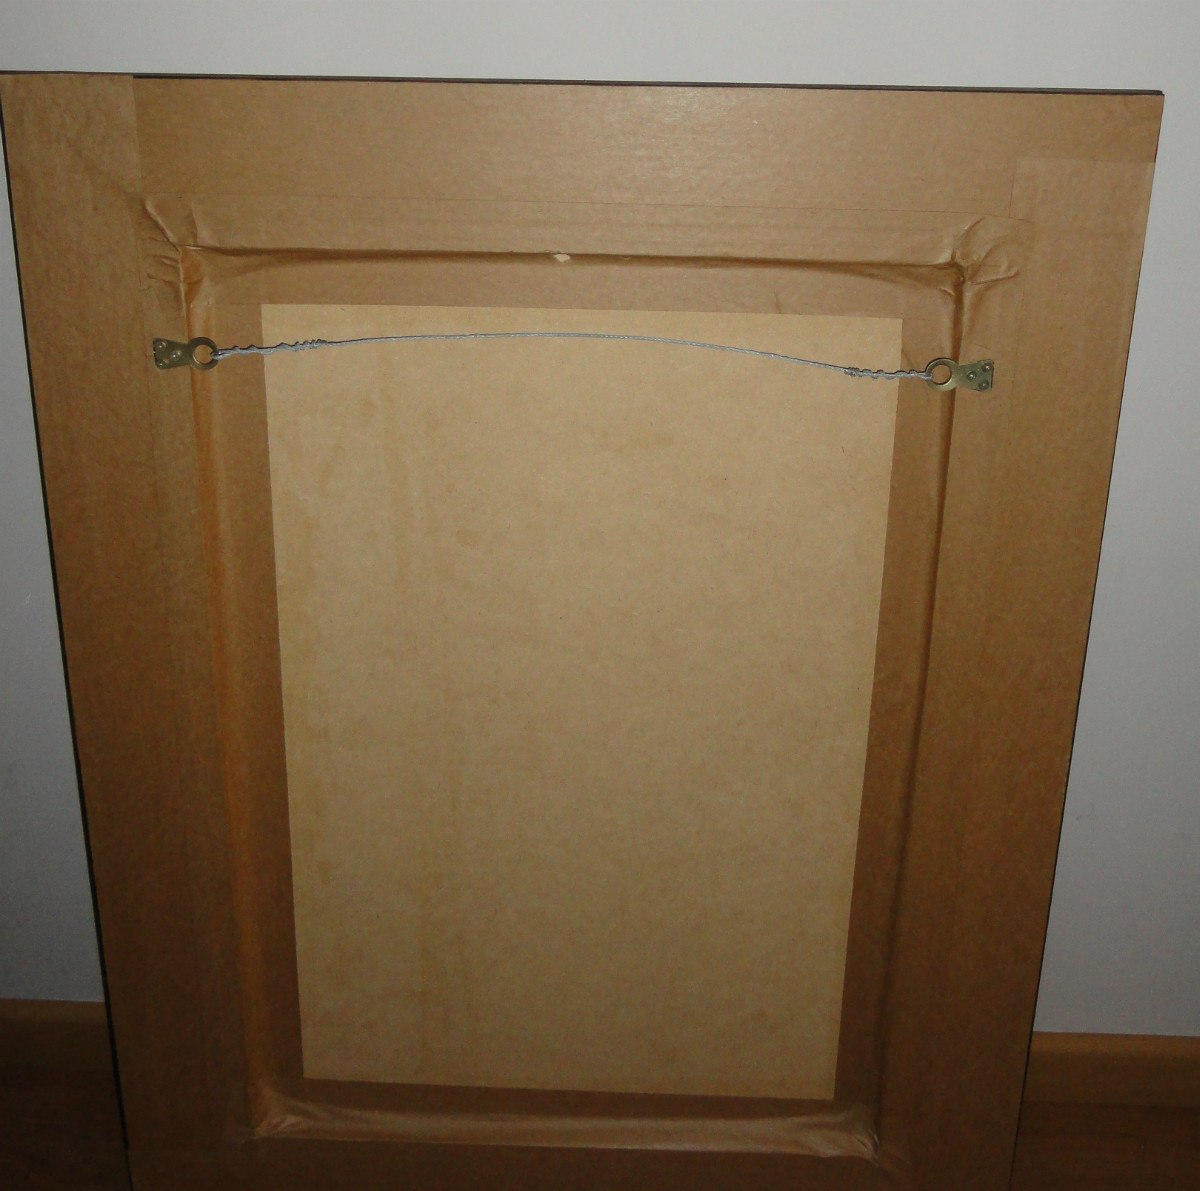 Comprar ofertas platos de ducha muebles sofas spain - Hacer marco espejo ...